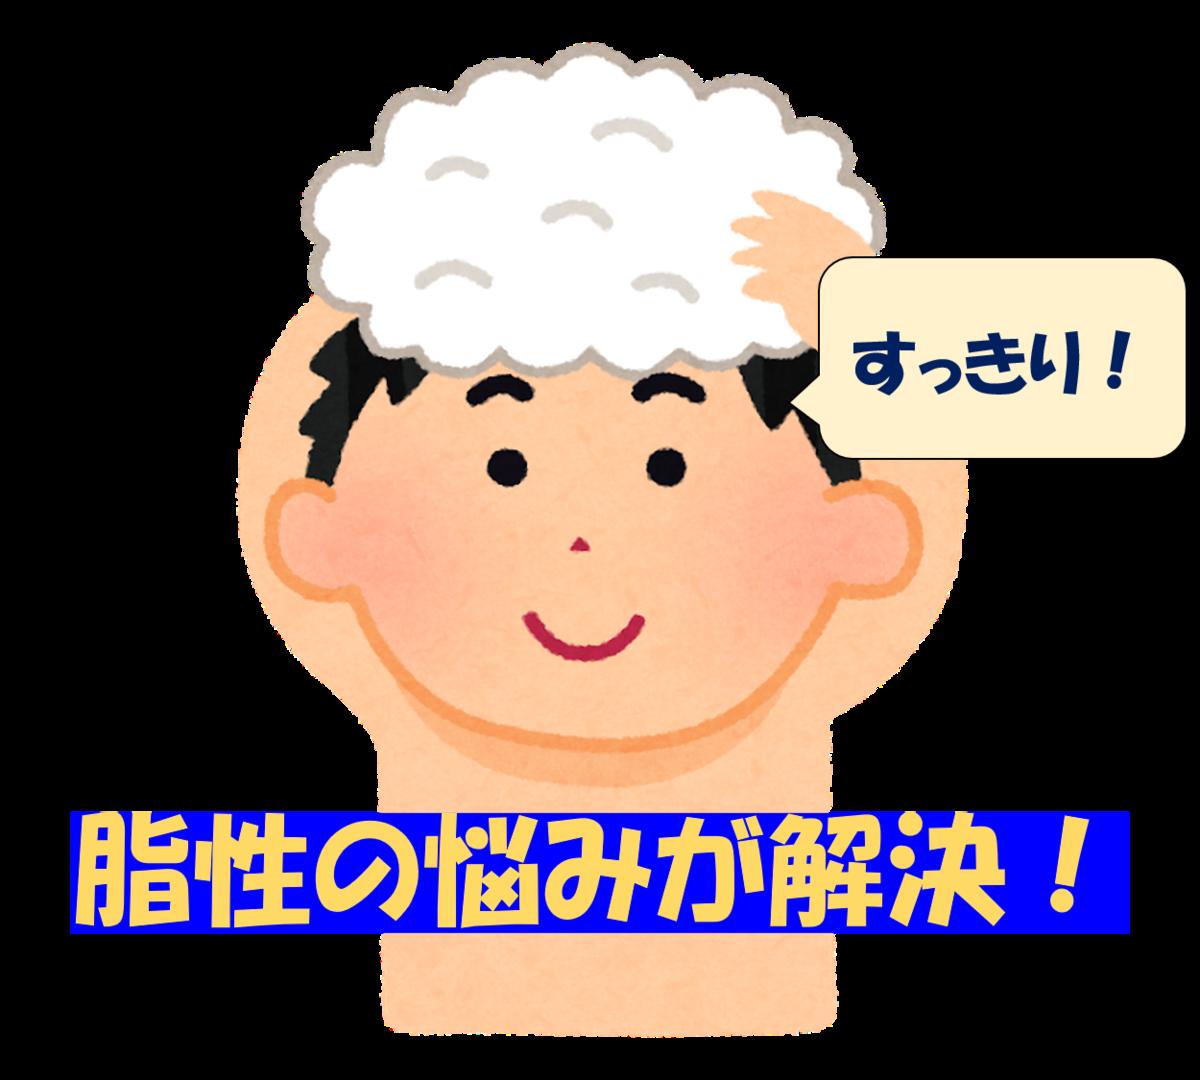 f:id:AkiyoshiBlog:20200301111600p:plain